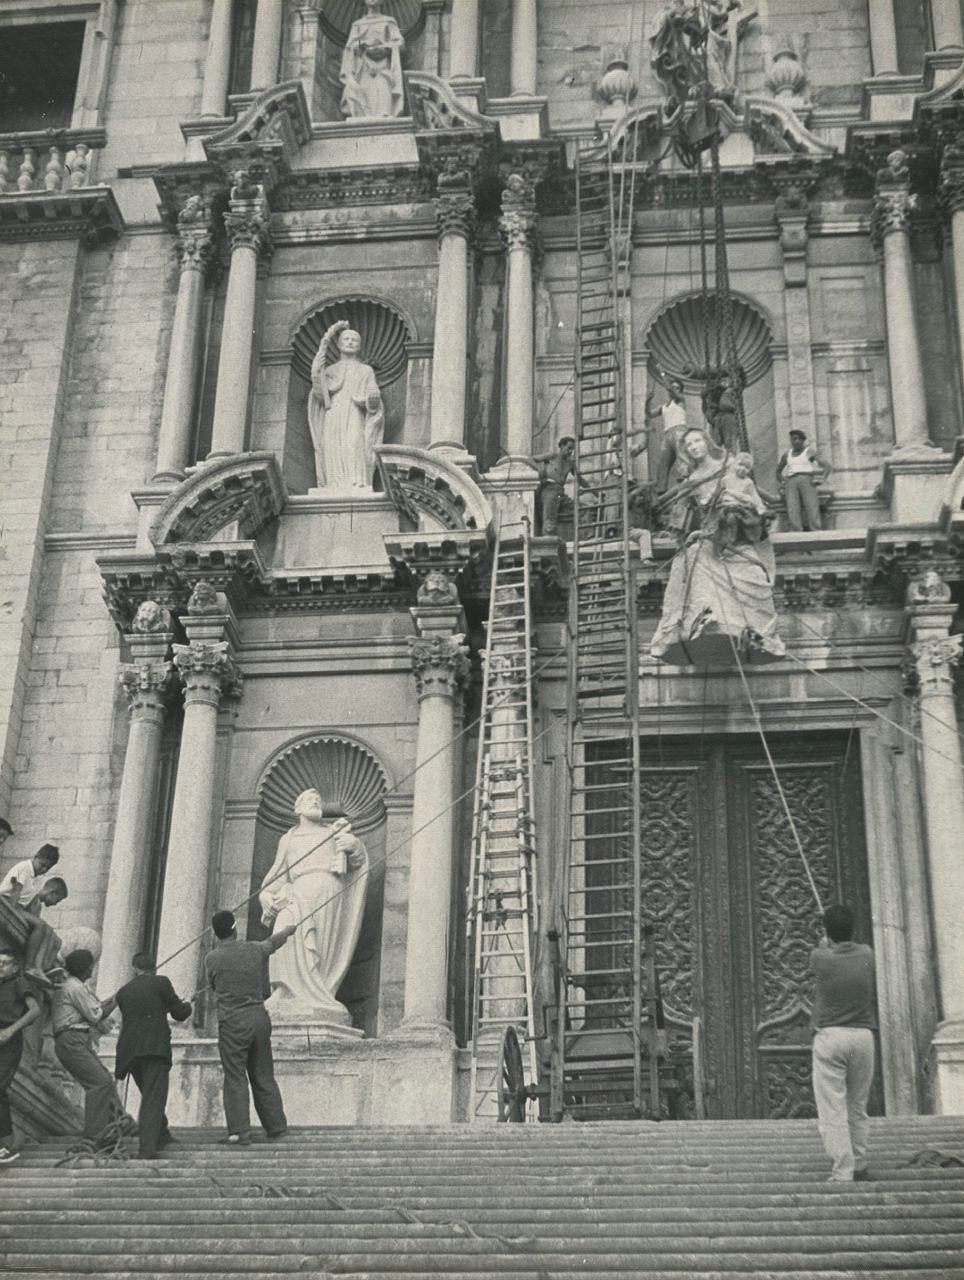 1962 girona Instal·lació de l'escultura de la Verge Maria, elaborada per Jaume Busquets, a la façana de la Catedral. L'obra fou beneïda pel bisbe Cartañà el dia de la Mare de Déu d'Agost, i posteriorment col·locada a la part central de la façana barroca